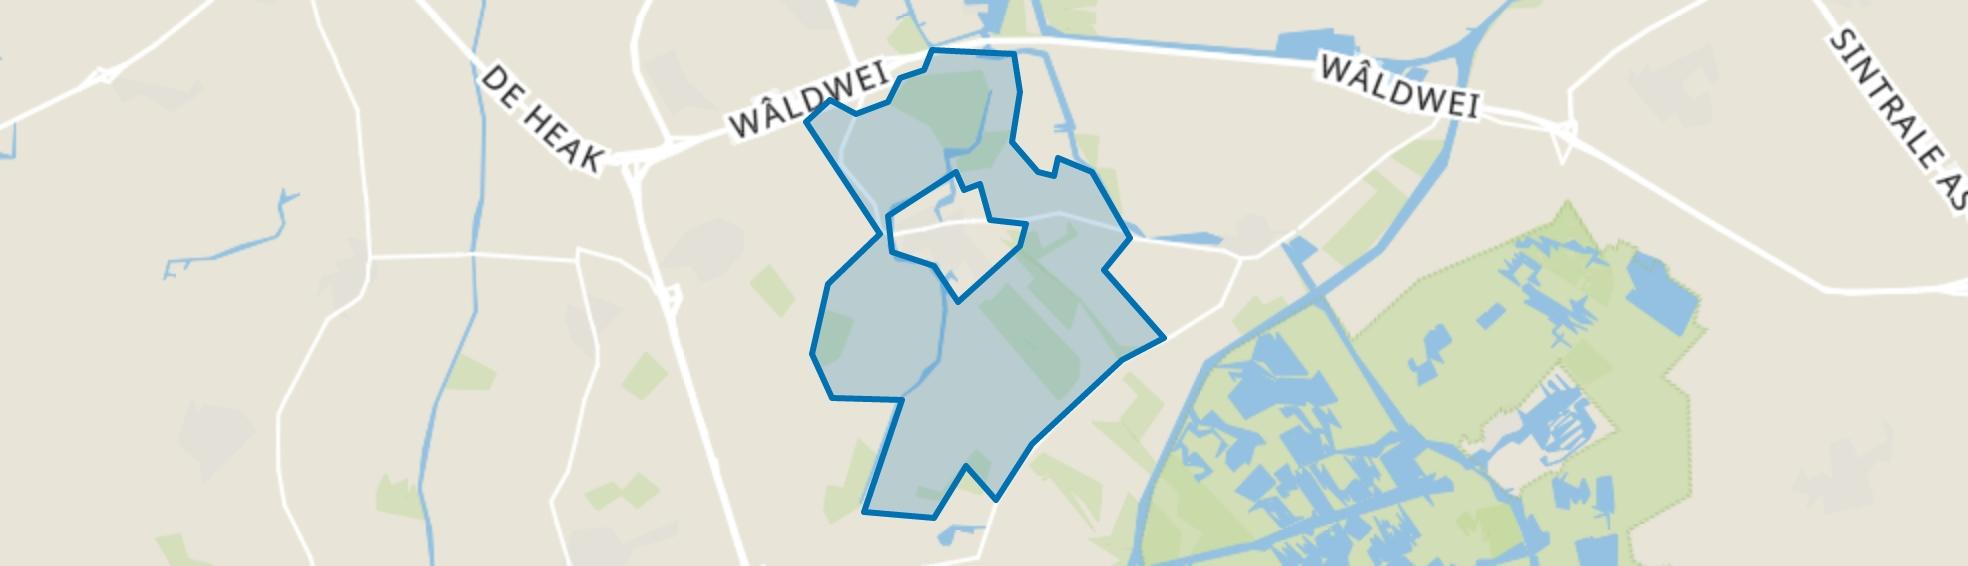 Buitengebied Wergea, Wergea map